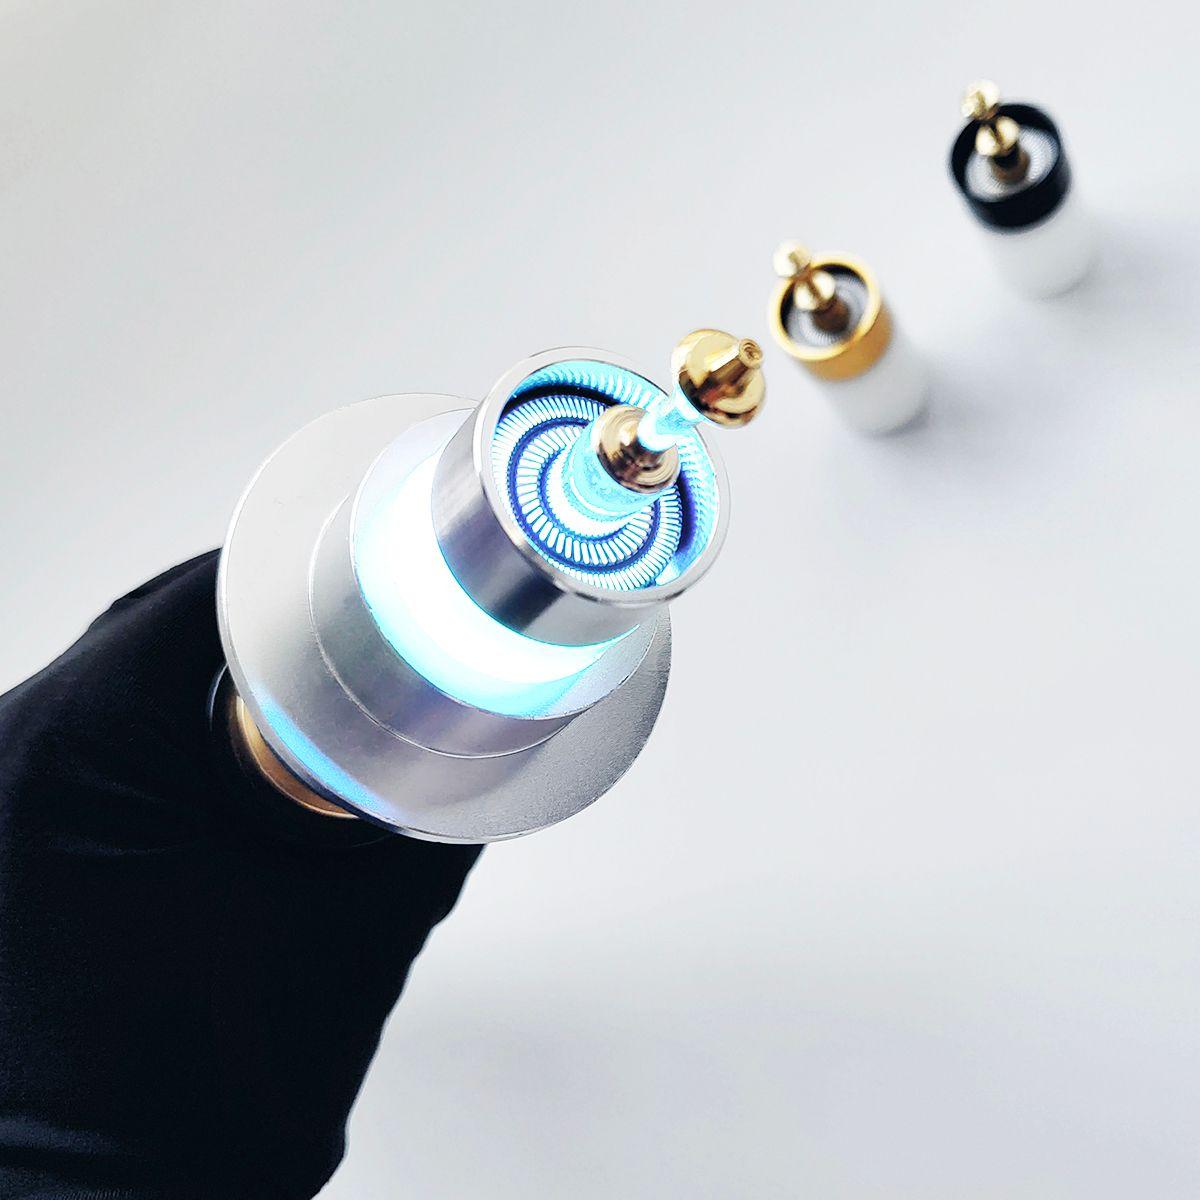 X-TREXSaber Blade Fiş Işıklandırıcı Metal Hollow Baskı Için 1 Inç Çapı Q0113